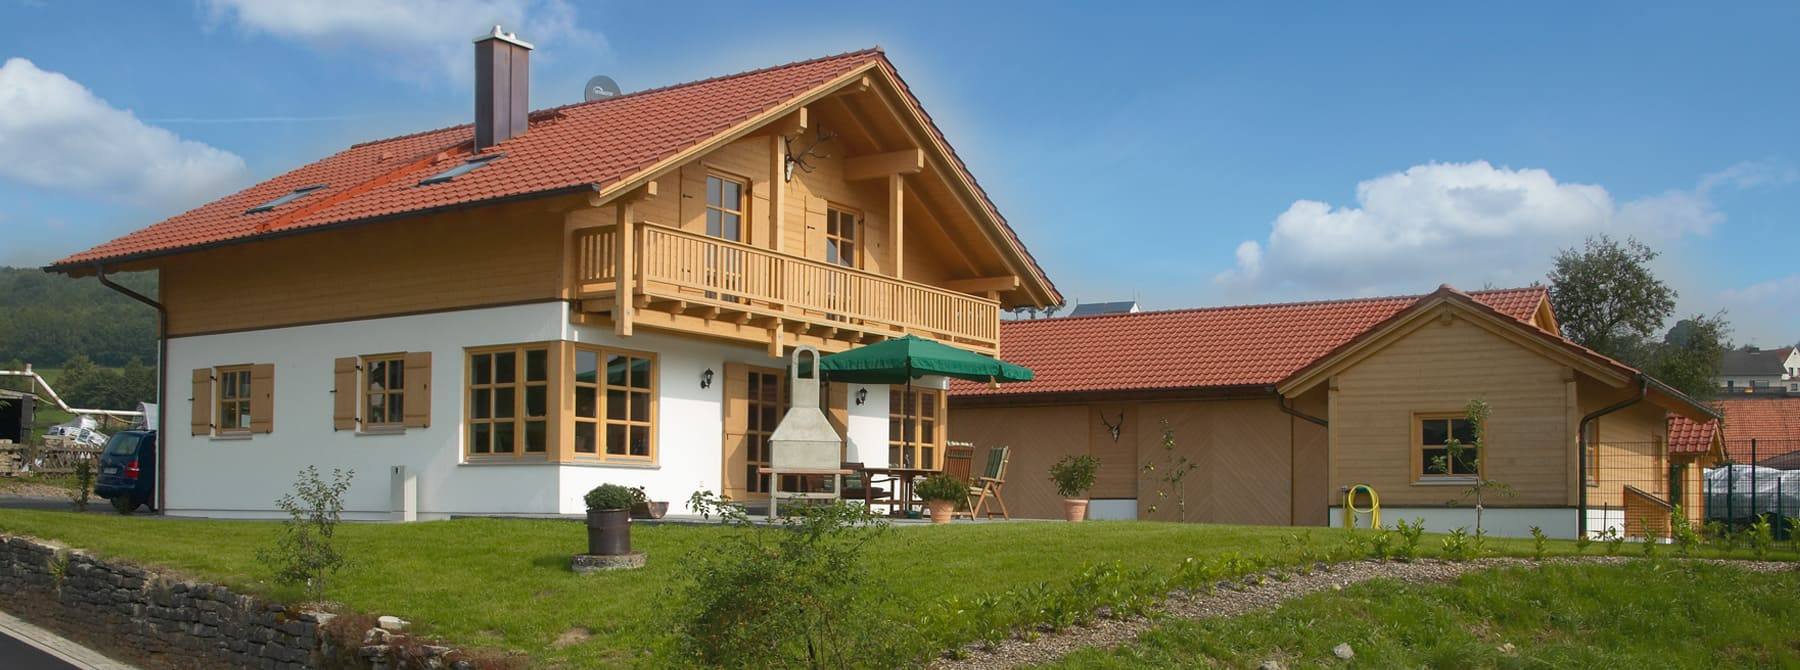 Kundenhaus gutshof ein landhaus von for Holzhaus modern bauen